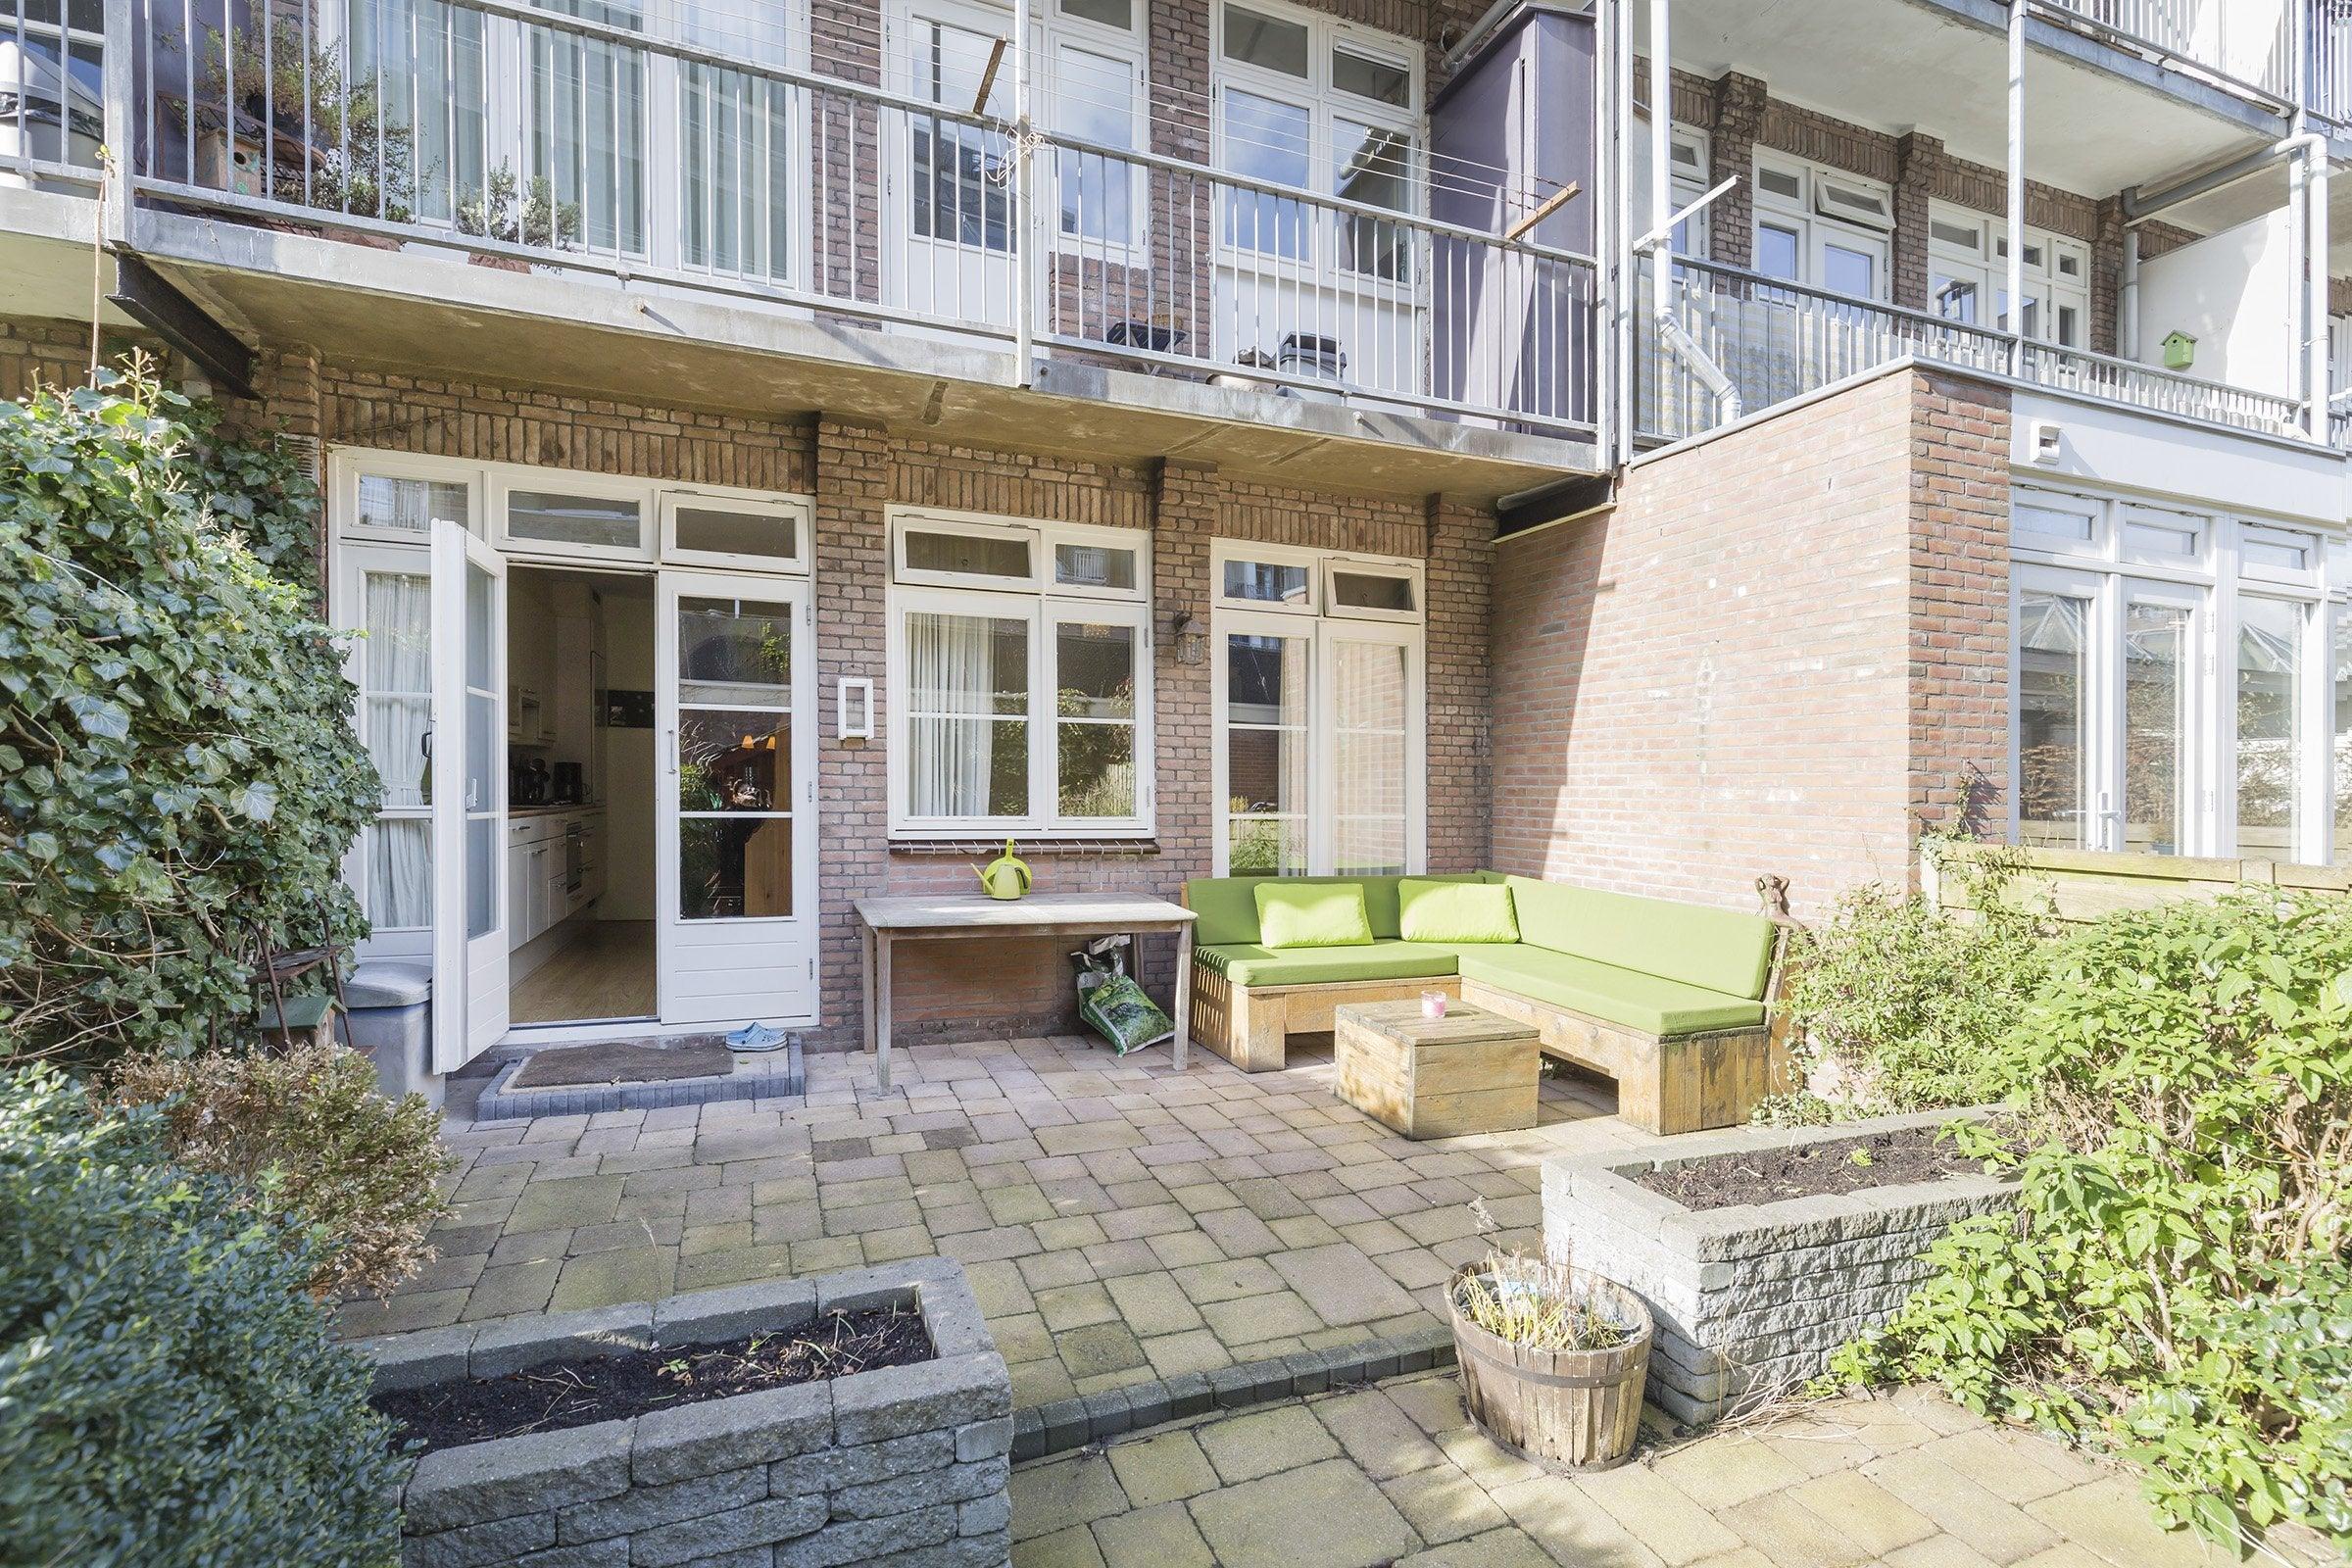 Legmeerstraat / Amsterdam